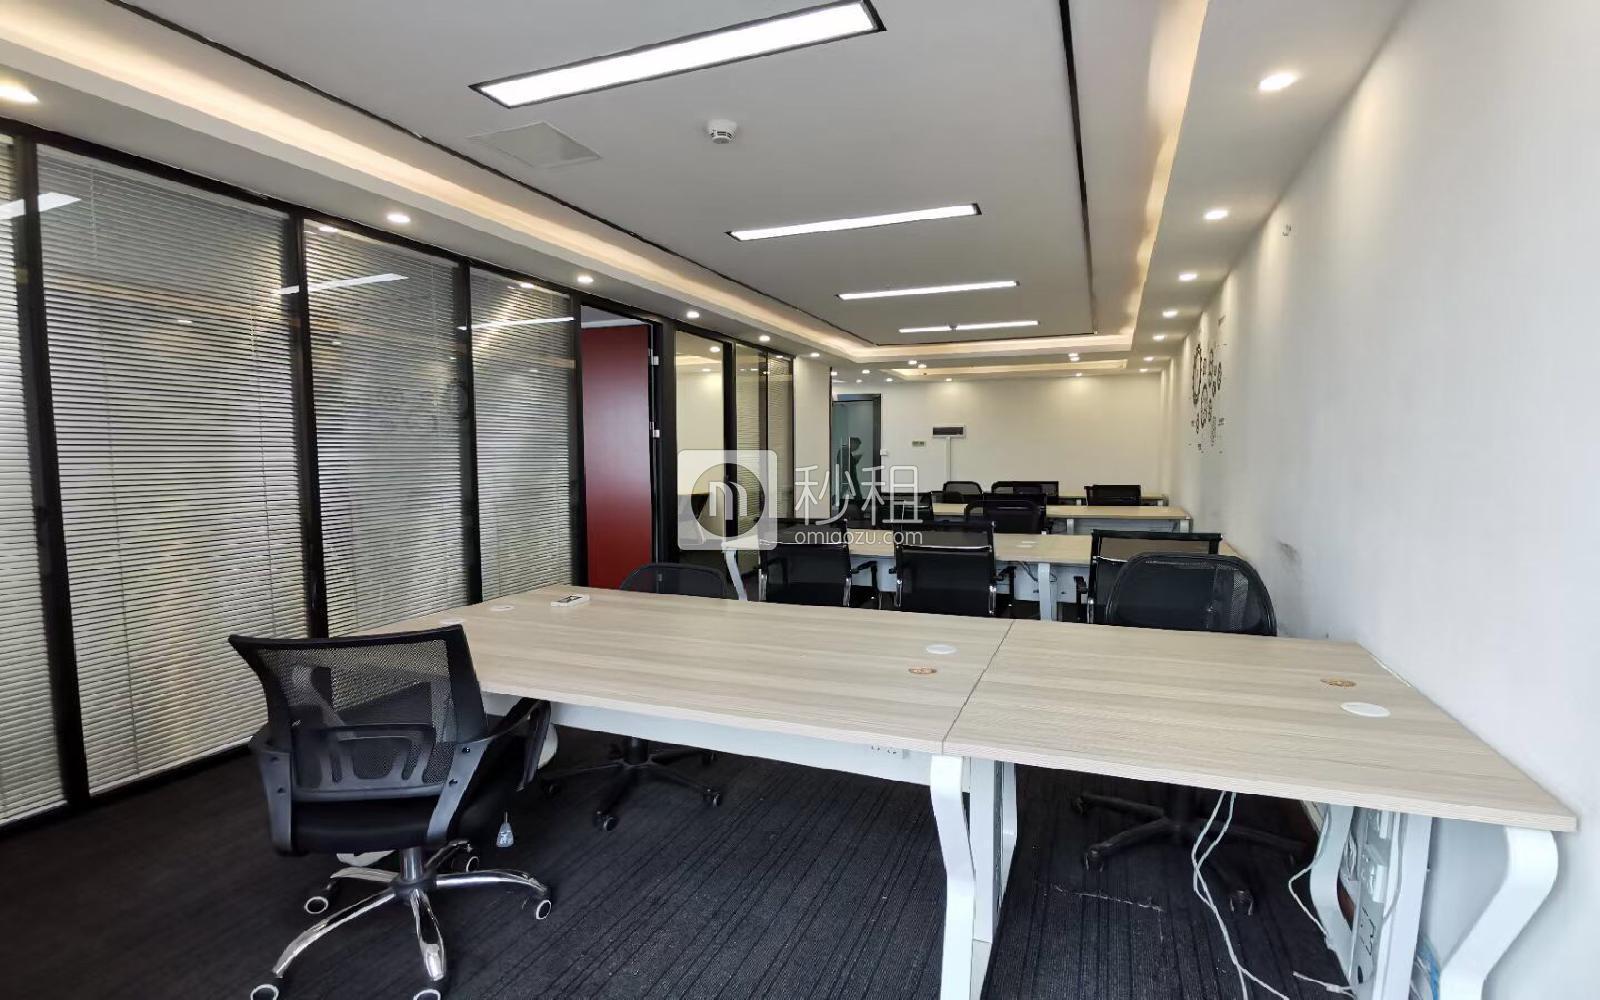 龙华-龙华 卫东龙商务大厦 147m²